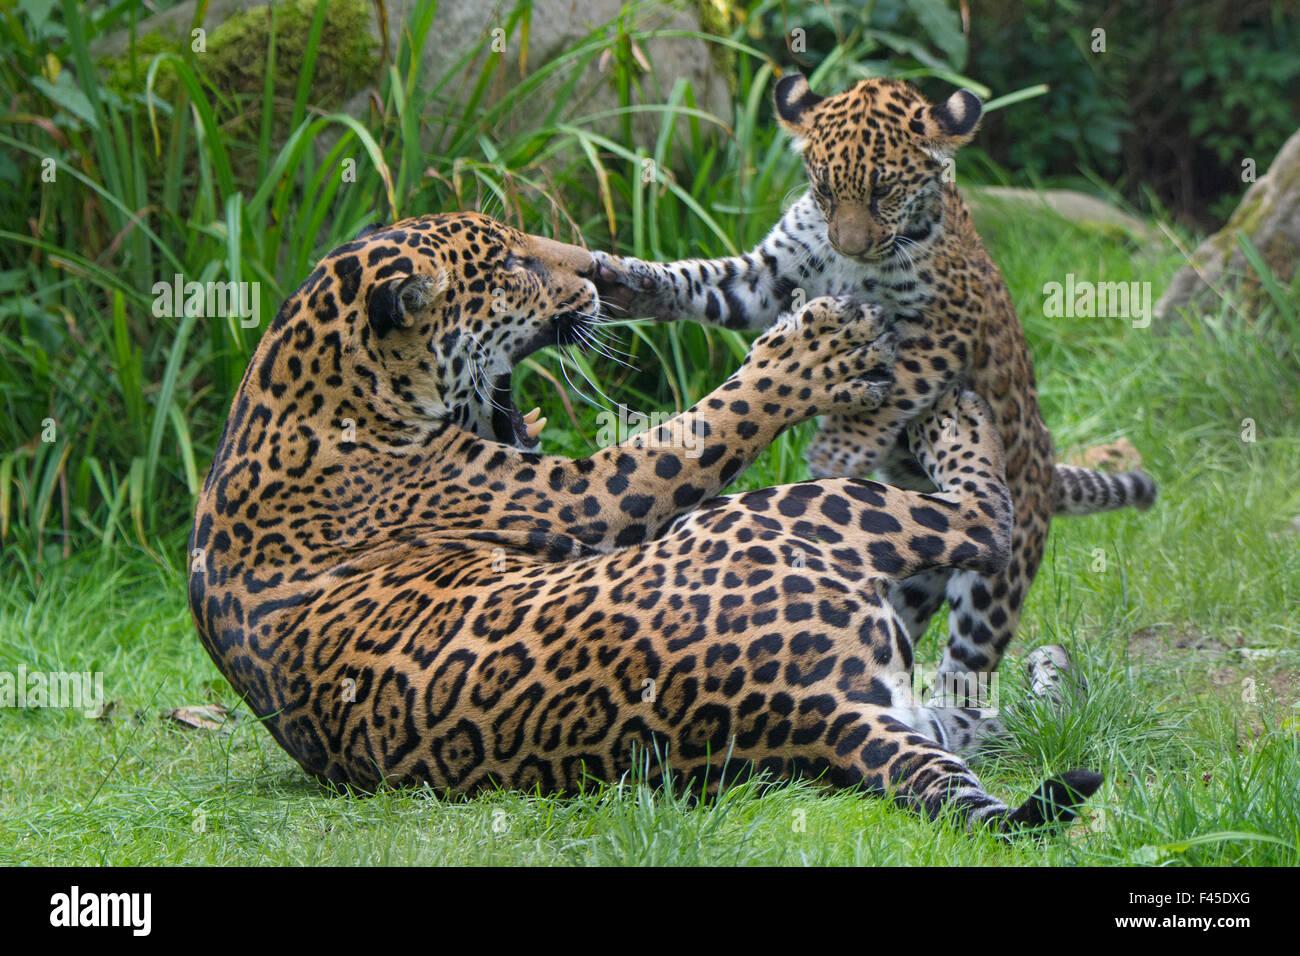 Weibliche Jaguar (Panthera Onca) spielen mit ihr junges, gefangen, kommt in Süd- und Mittelamerika. Stockbild